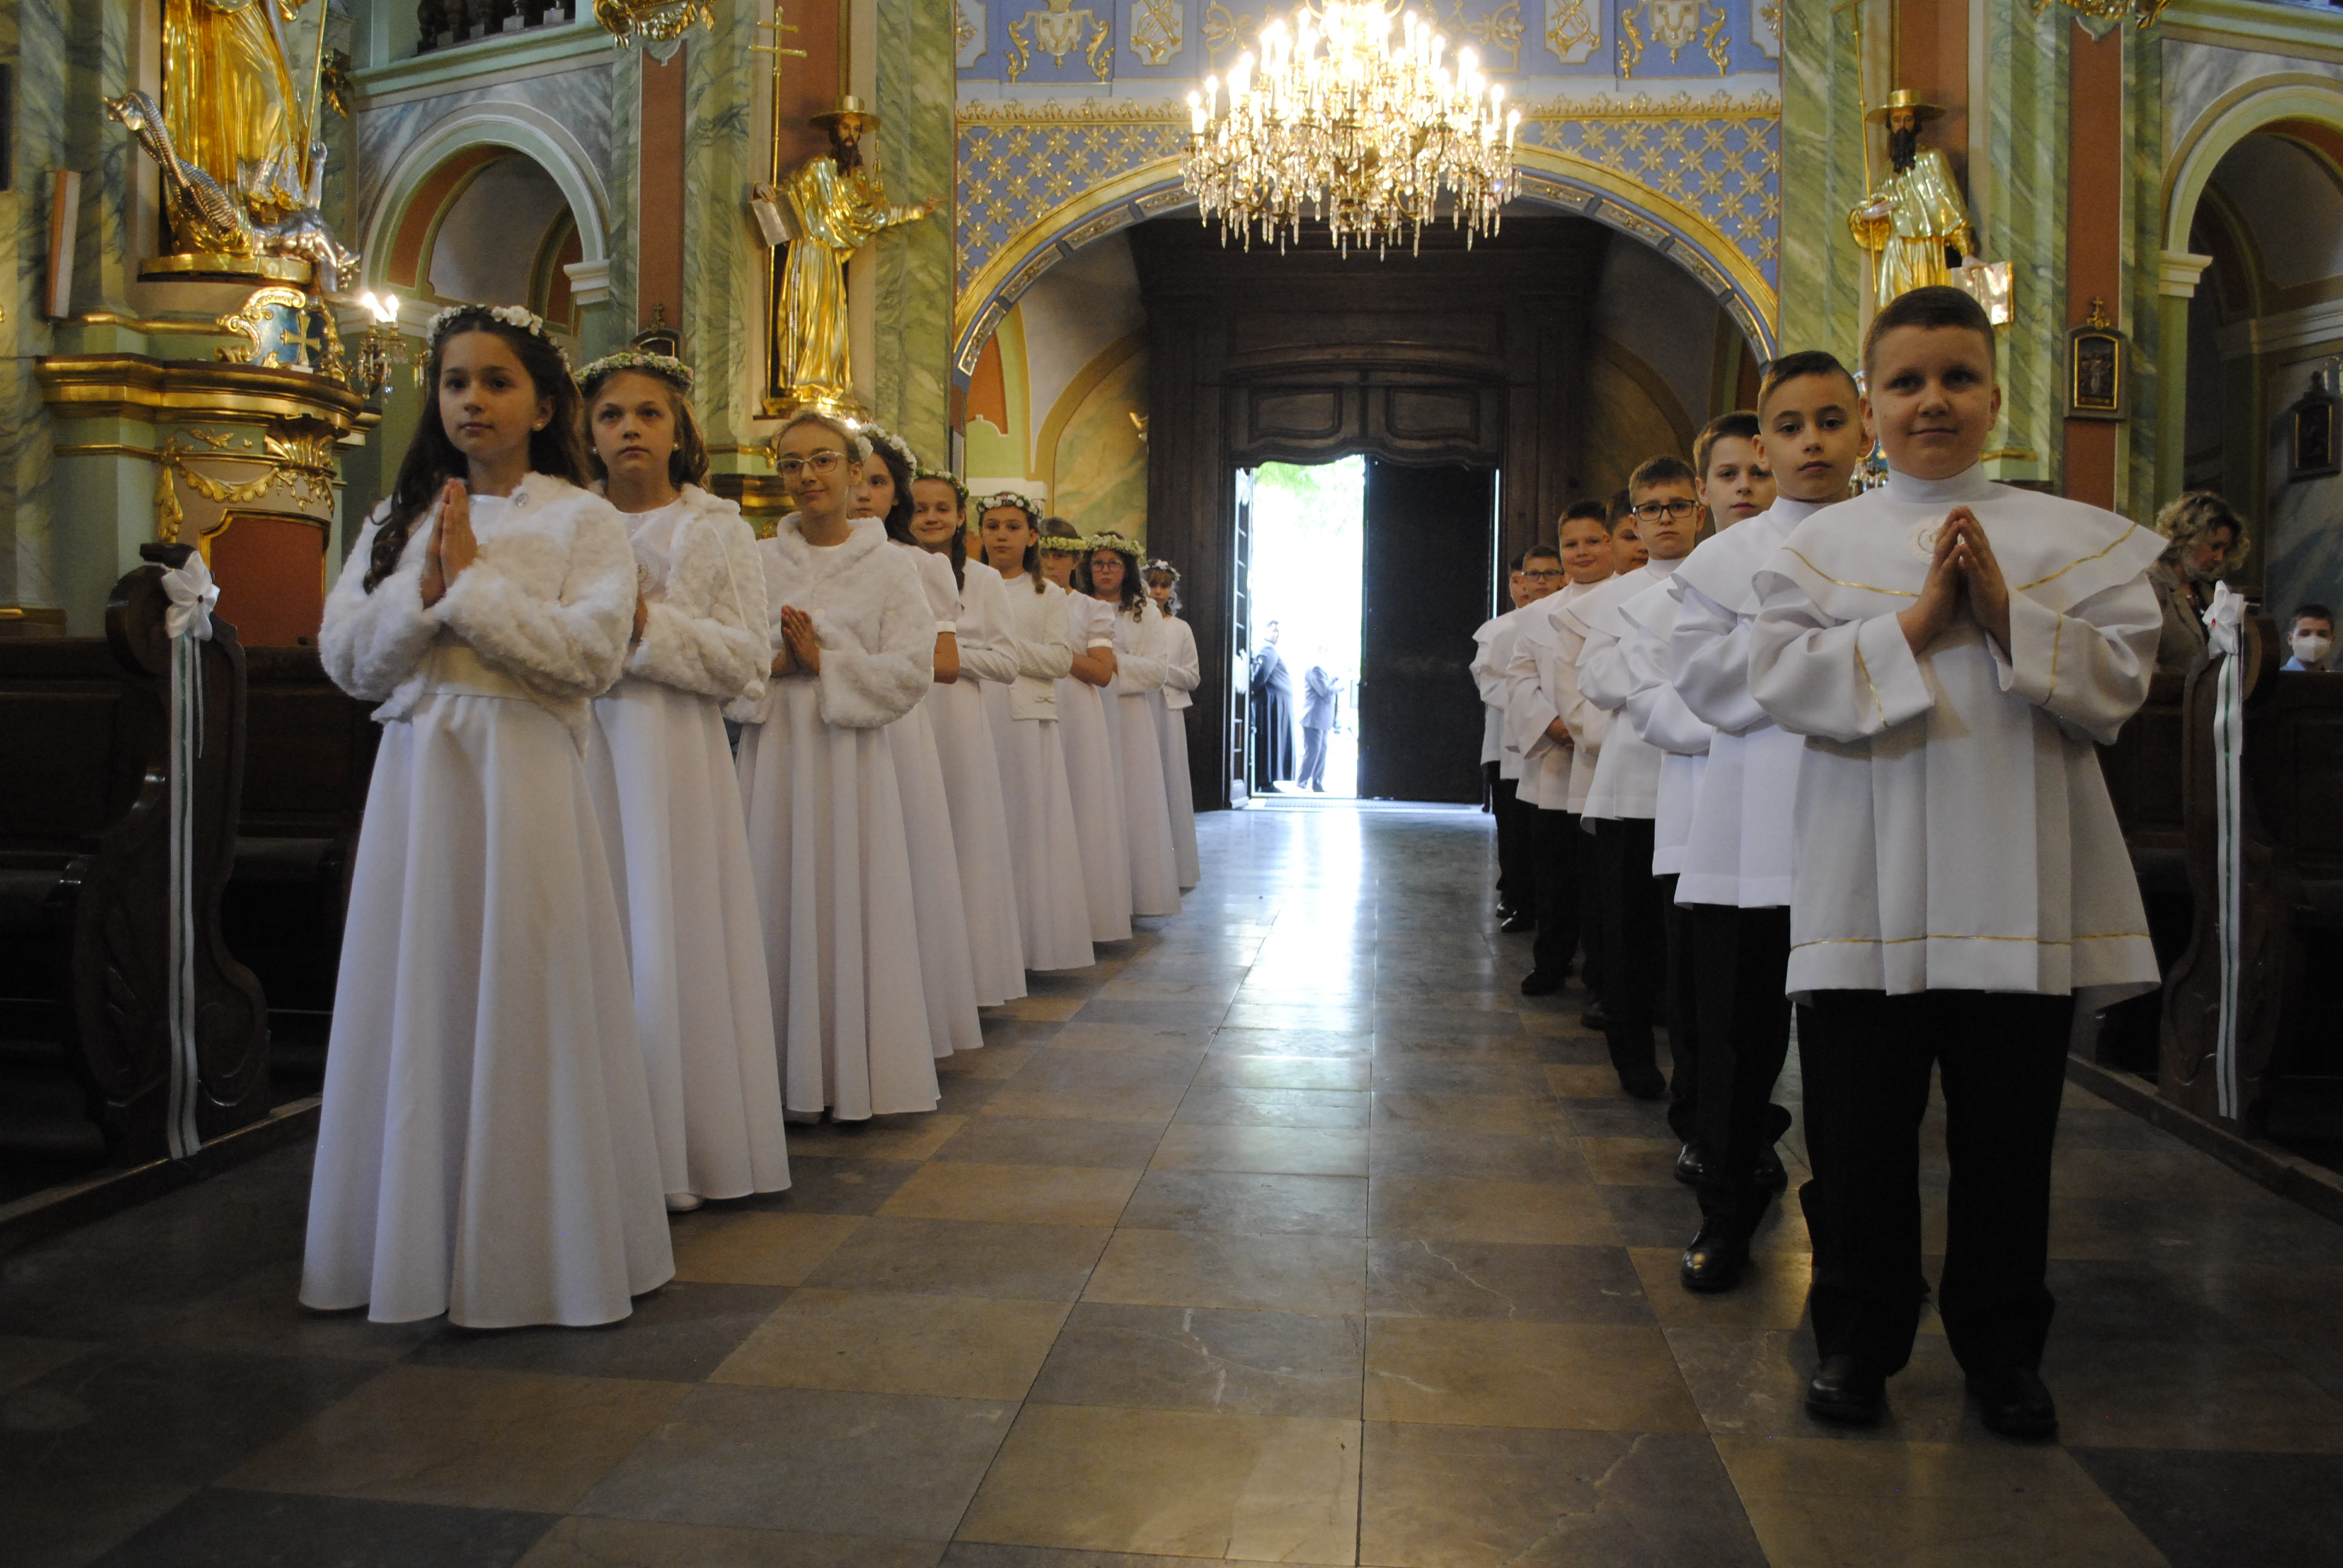 Ostatnia pierwsza komunia w bazylice św. Anny w Lubartowie - Zdjęcie główne